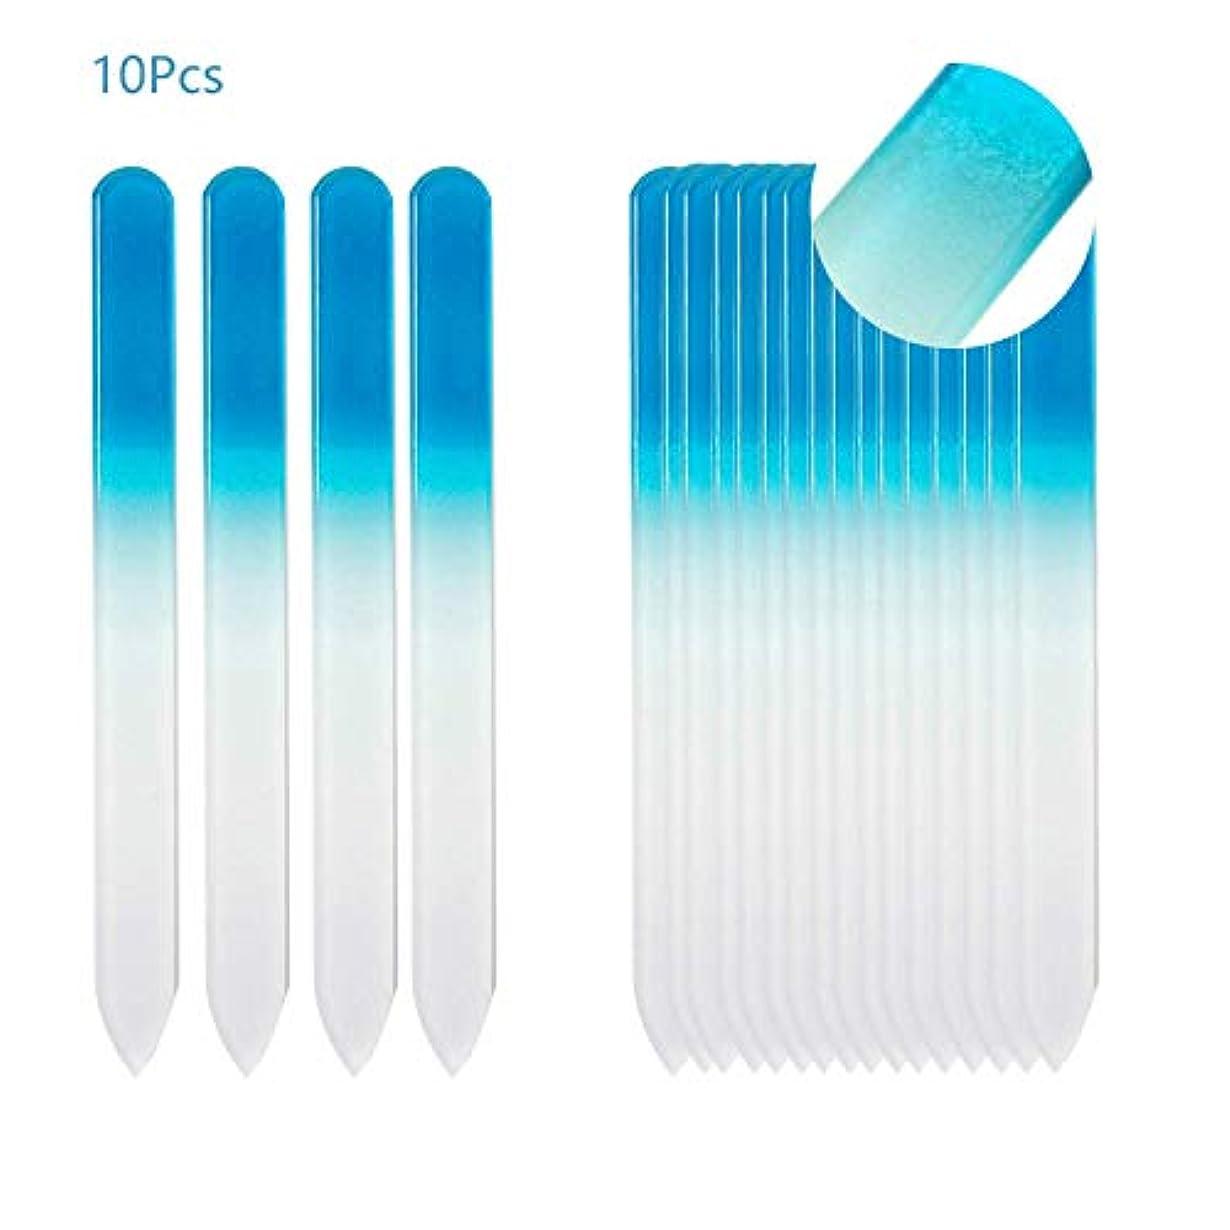 ジュラシックパーク二十回転する爪やすり ガラスファイル グラスファイル 何度でも再利用 ネイル用品 ジェルネイル